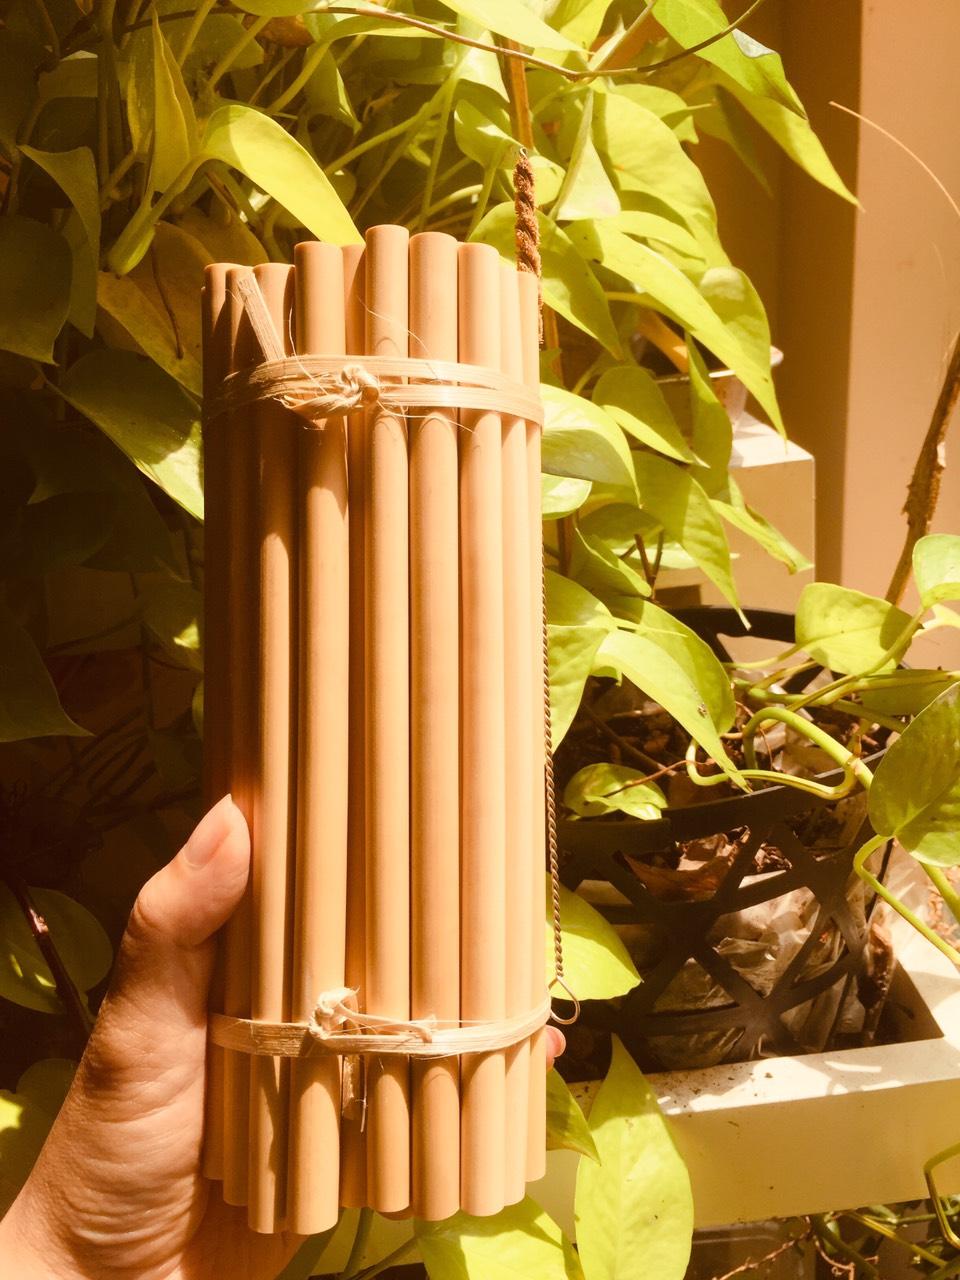 B1 - Bamboo straw type 1